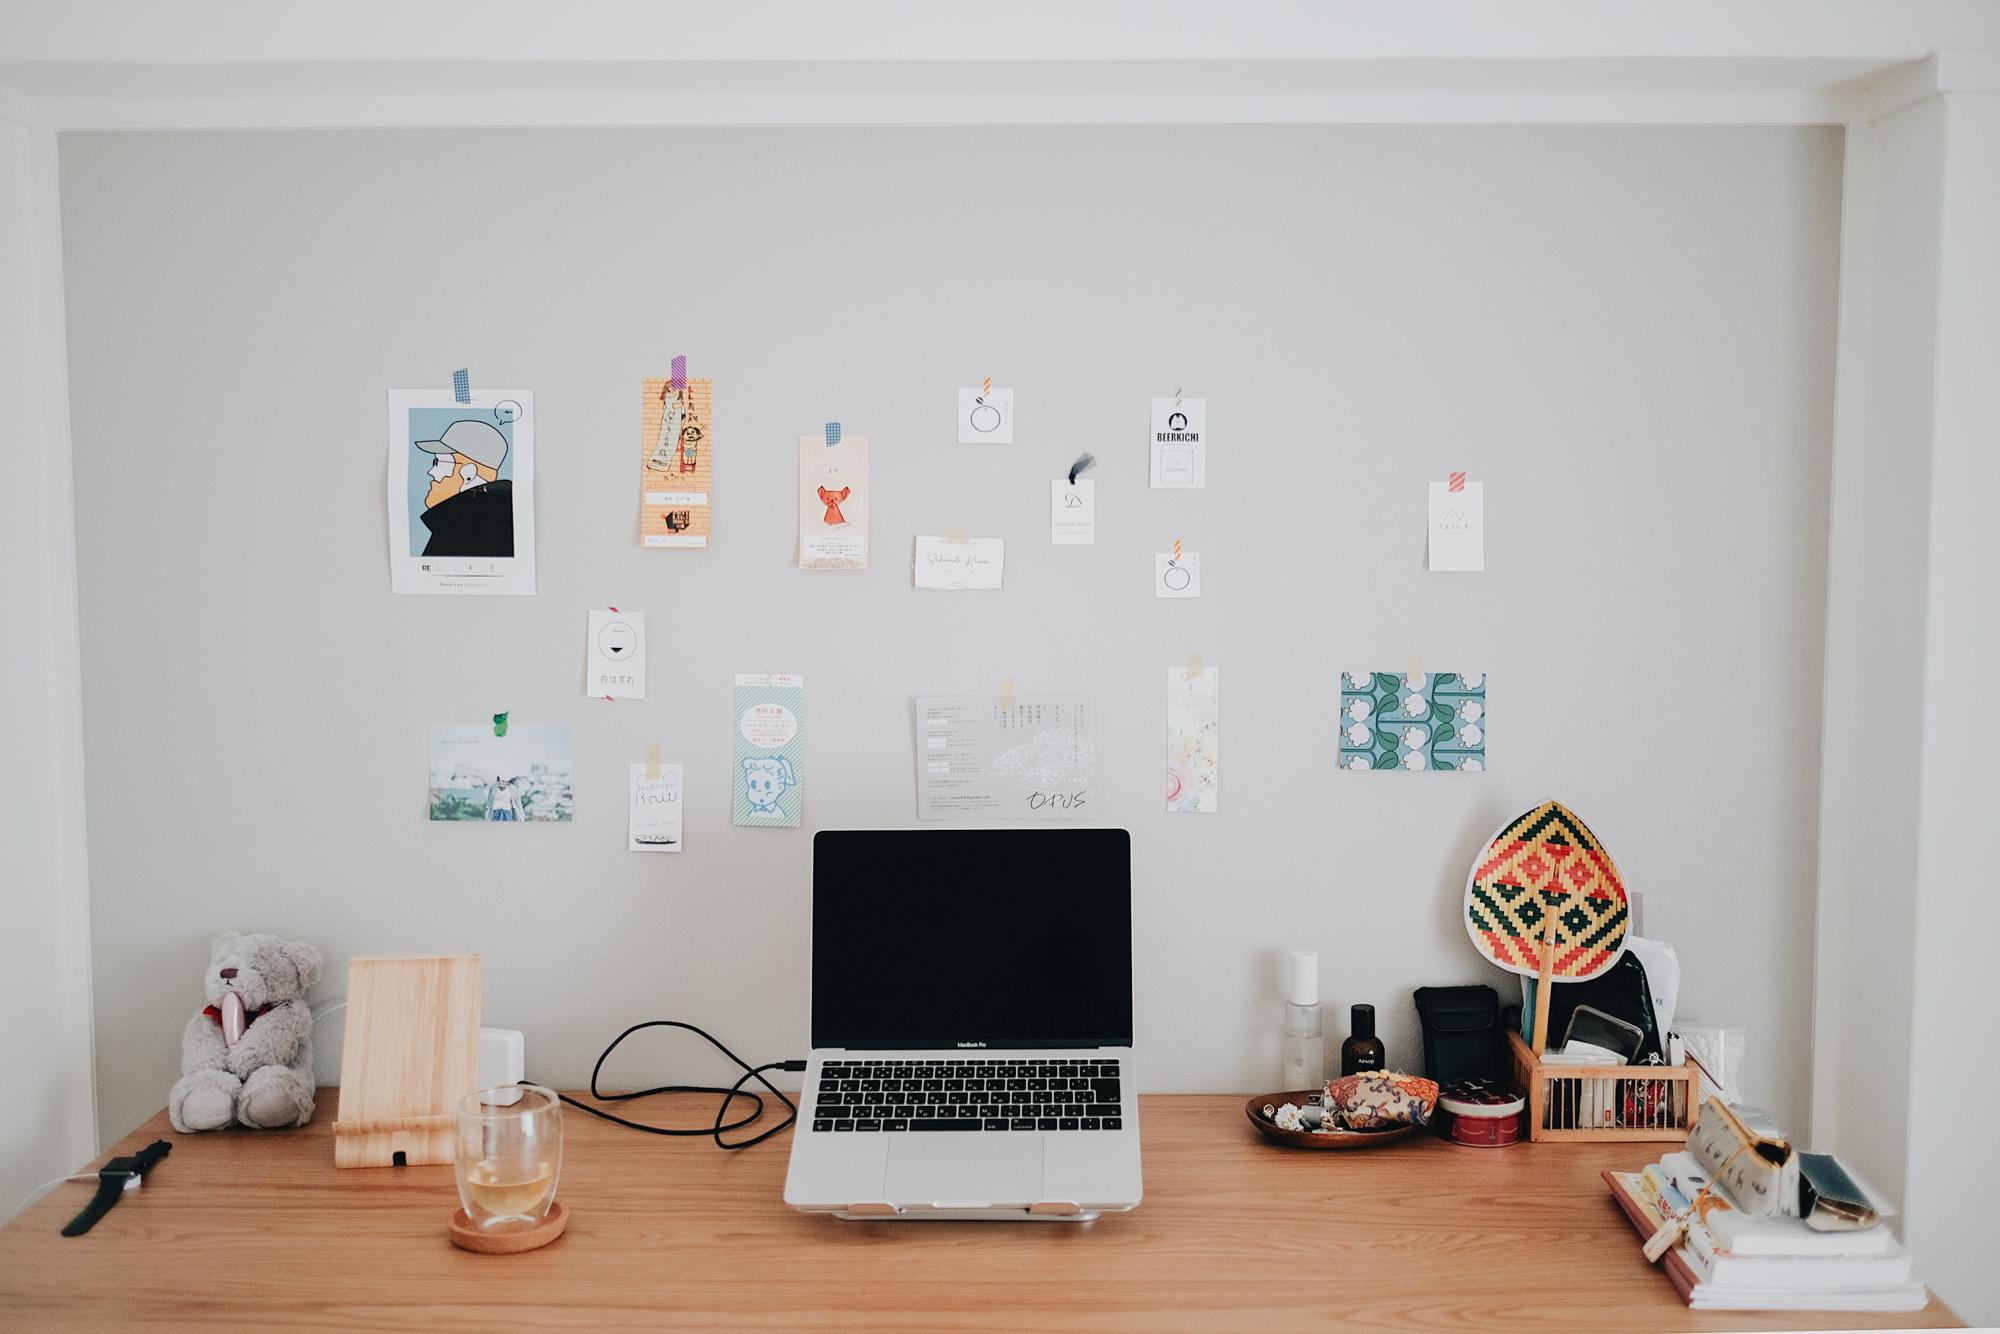 そして、ベッドルームに置かれた大きめのデスクは、無印良品のオーク材折りたたみテーブル。食事の時はダイニング、勉強や仕事の時はこちらのデスクと切り替えることで、集中できるといいます。